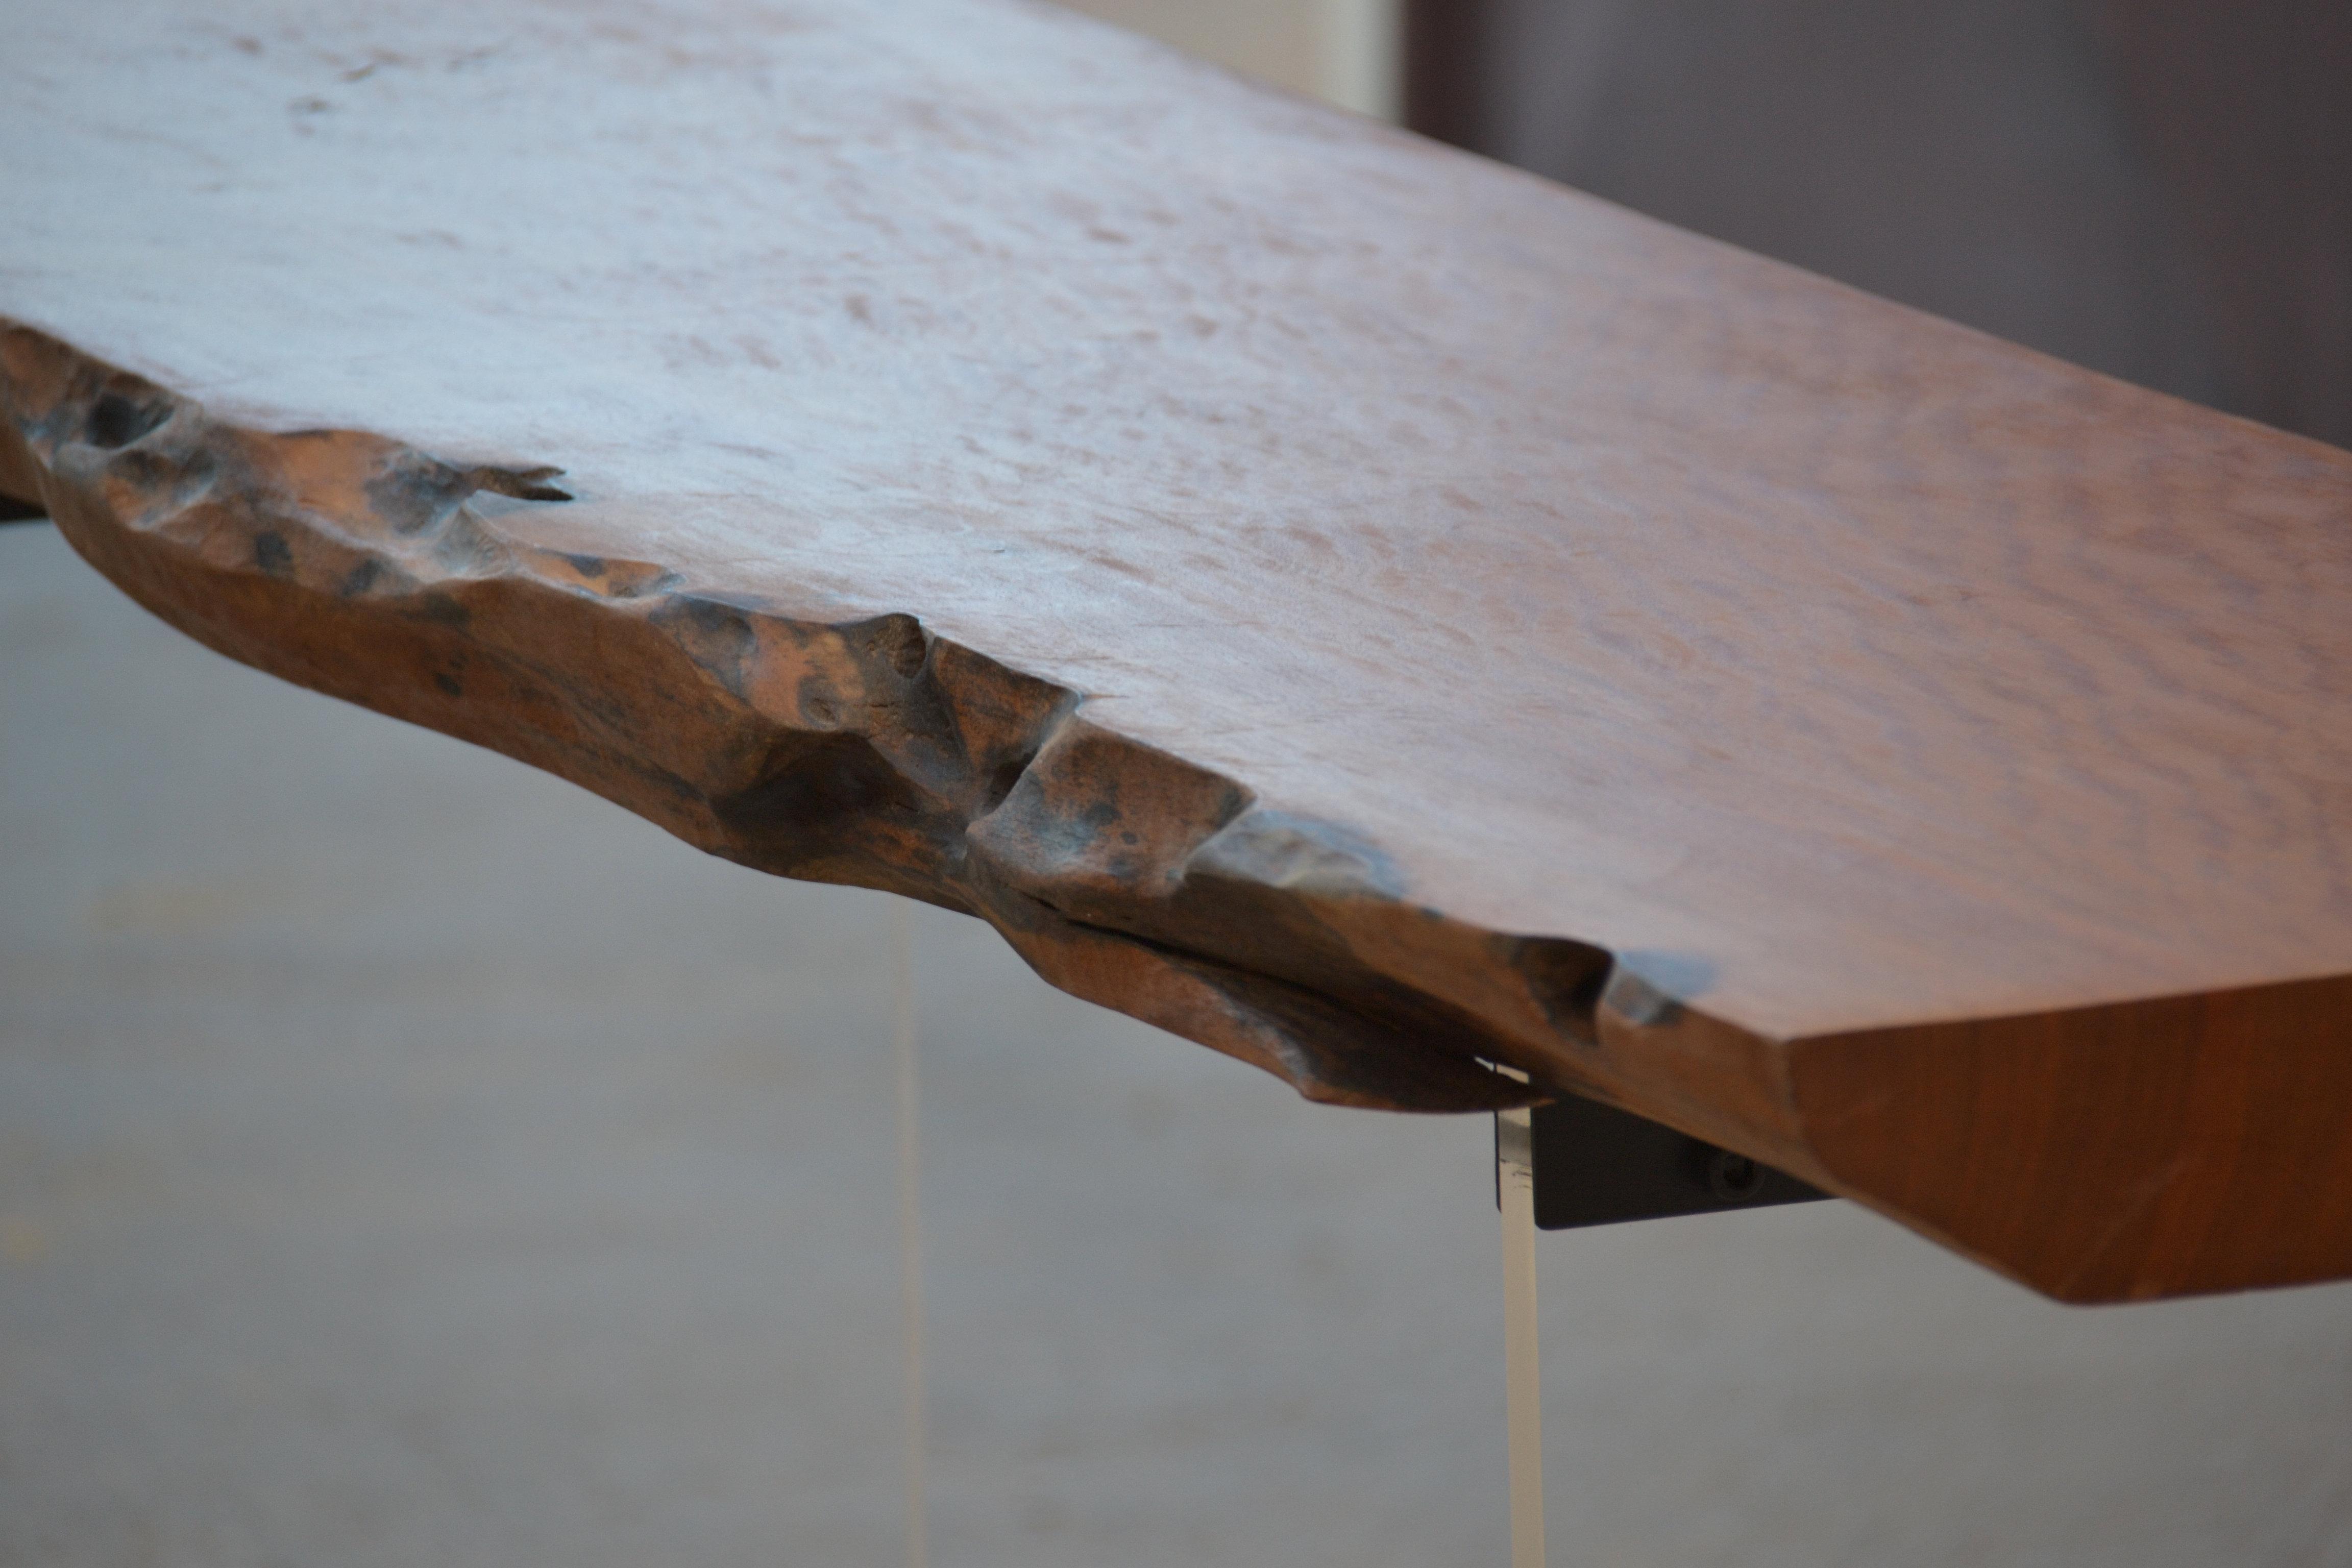 #5D4334  de Madeira Maciça Mesa Rústica Aparador de Madeira Maciça 4608x3072 px aparador de madeira com rodas @ bernauer.info Móveis Antigos Novos E Usados Online